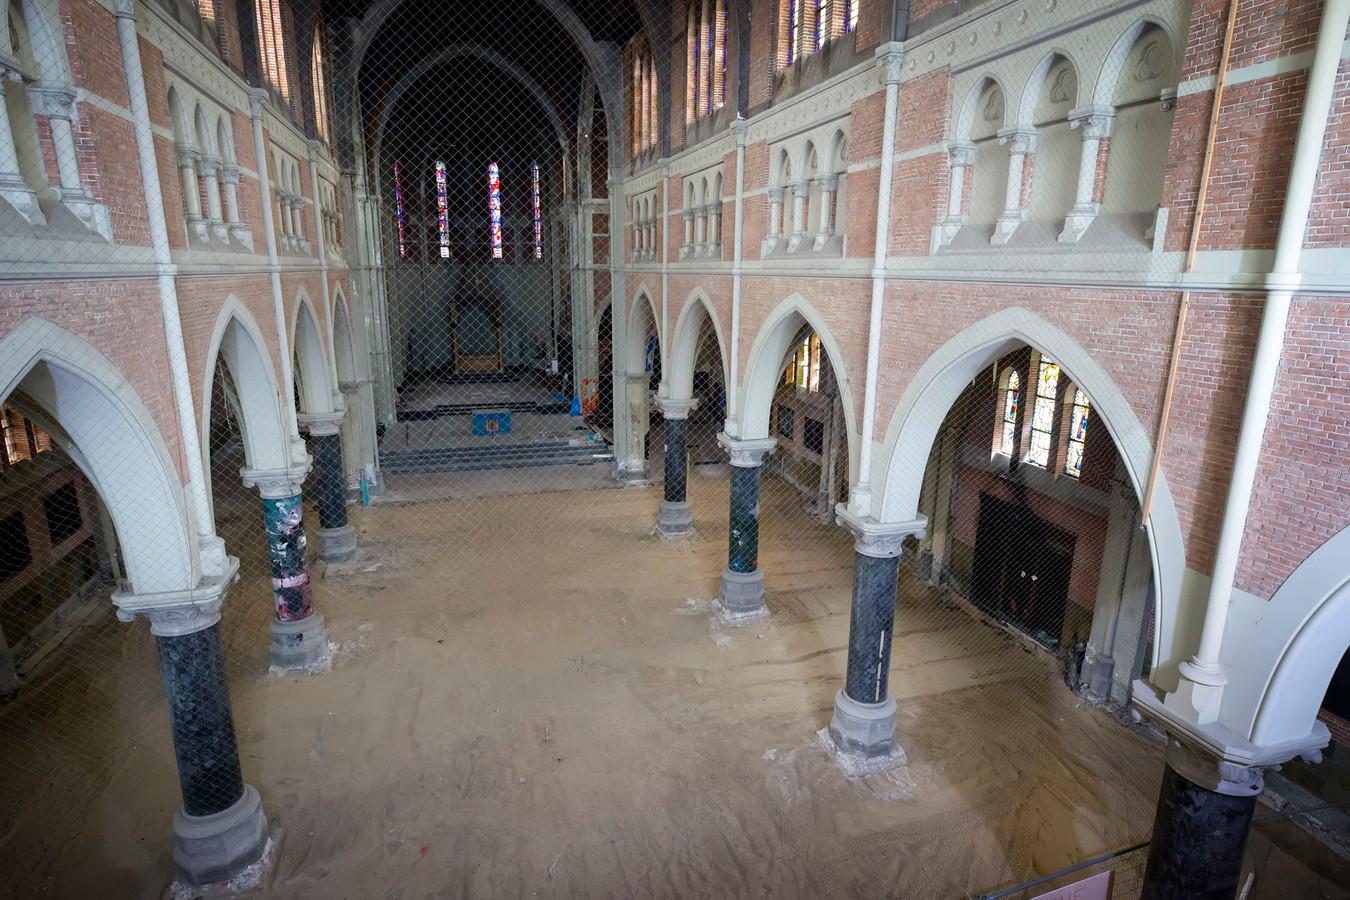 Interieur van de Heilig Hartkerk in Breda, de restauratie van de kerk is ver gevorderd, binnenkort worden de plannen gepresenteerd voor appartementen in kerk.